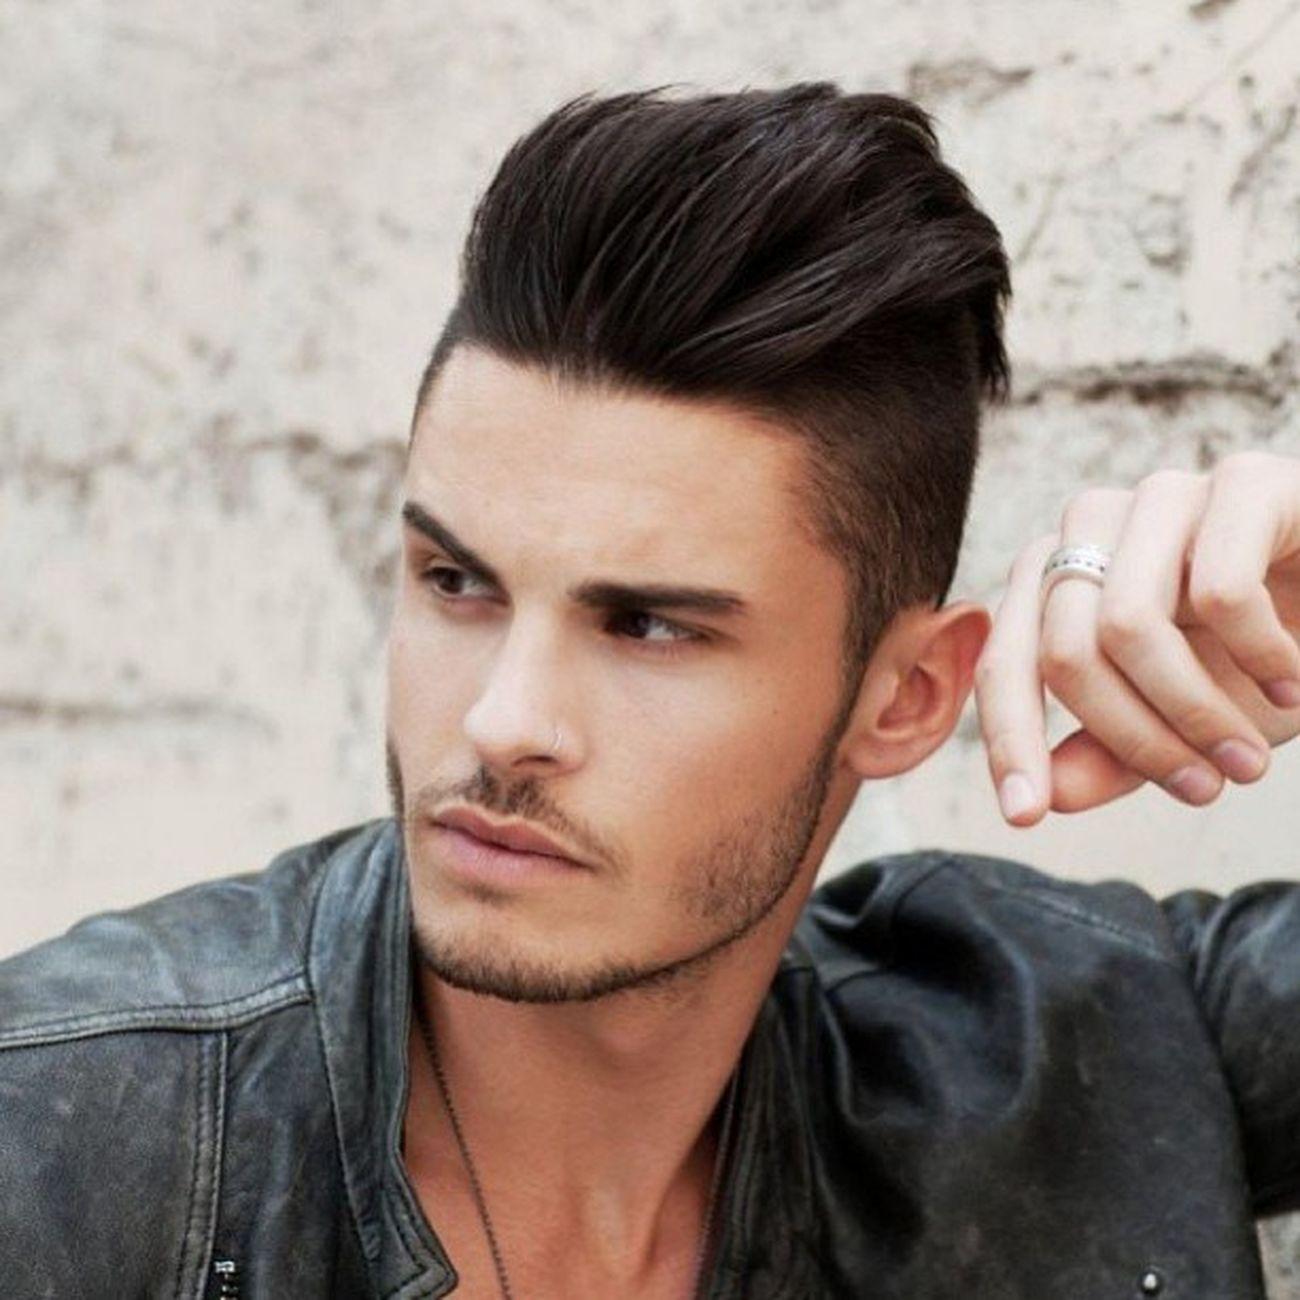 Ce mec est un modele pr moi. Son style et sa personnalité sont remarquable. Giabiconni Frenchmodel Corsica Paris